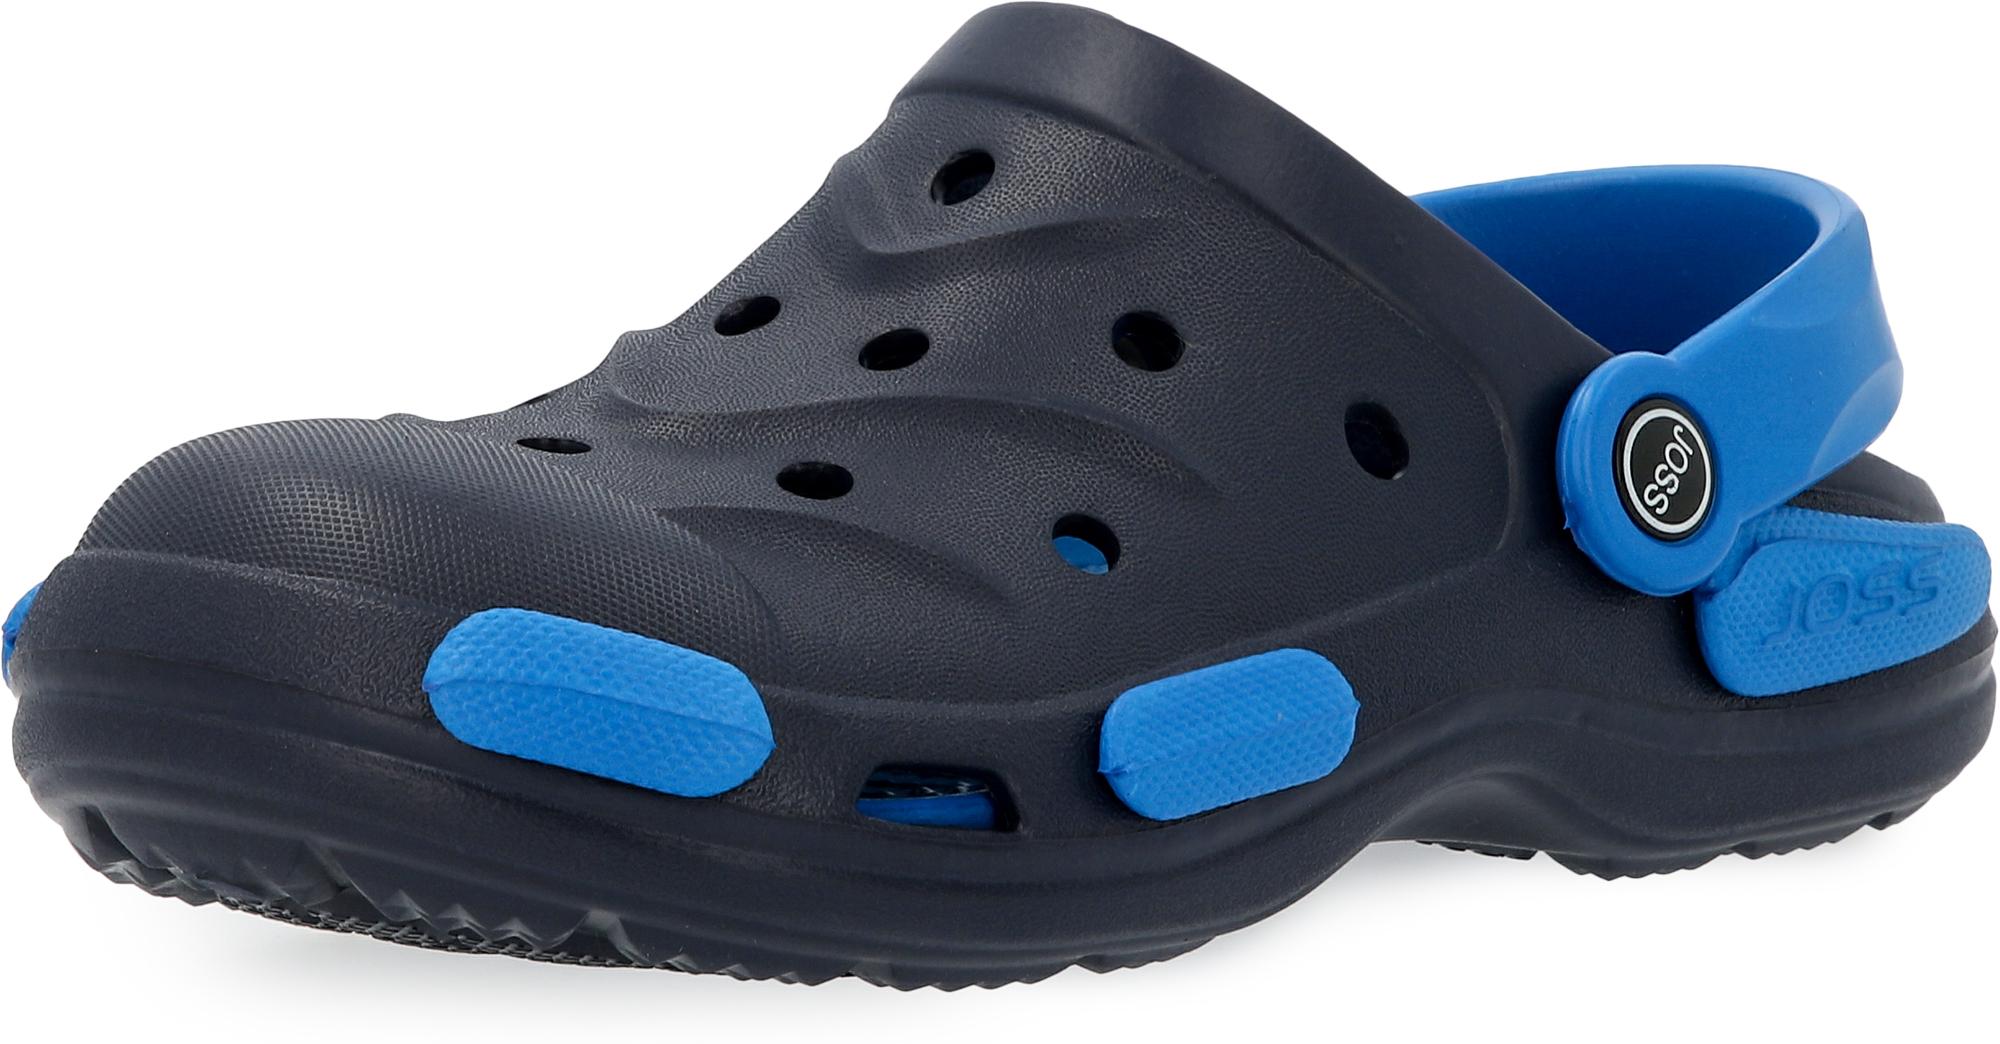 цена Joss Шлепанцы для мальчиков Joss Garden Shoes, размер 32-33 онлайн в 2017 году